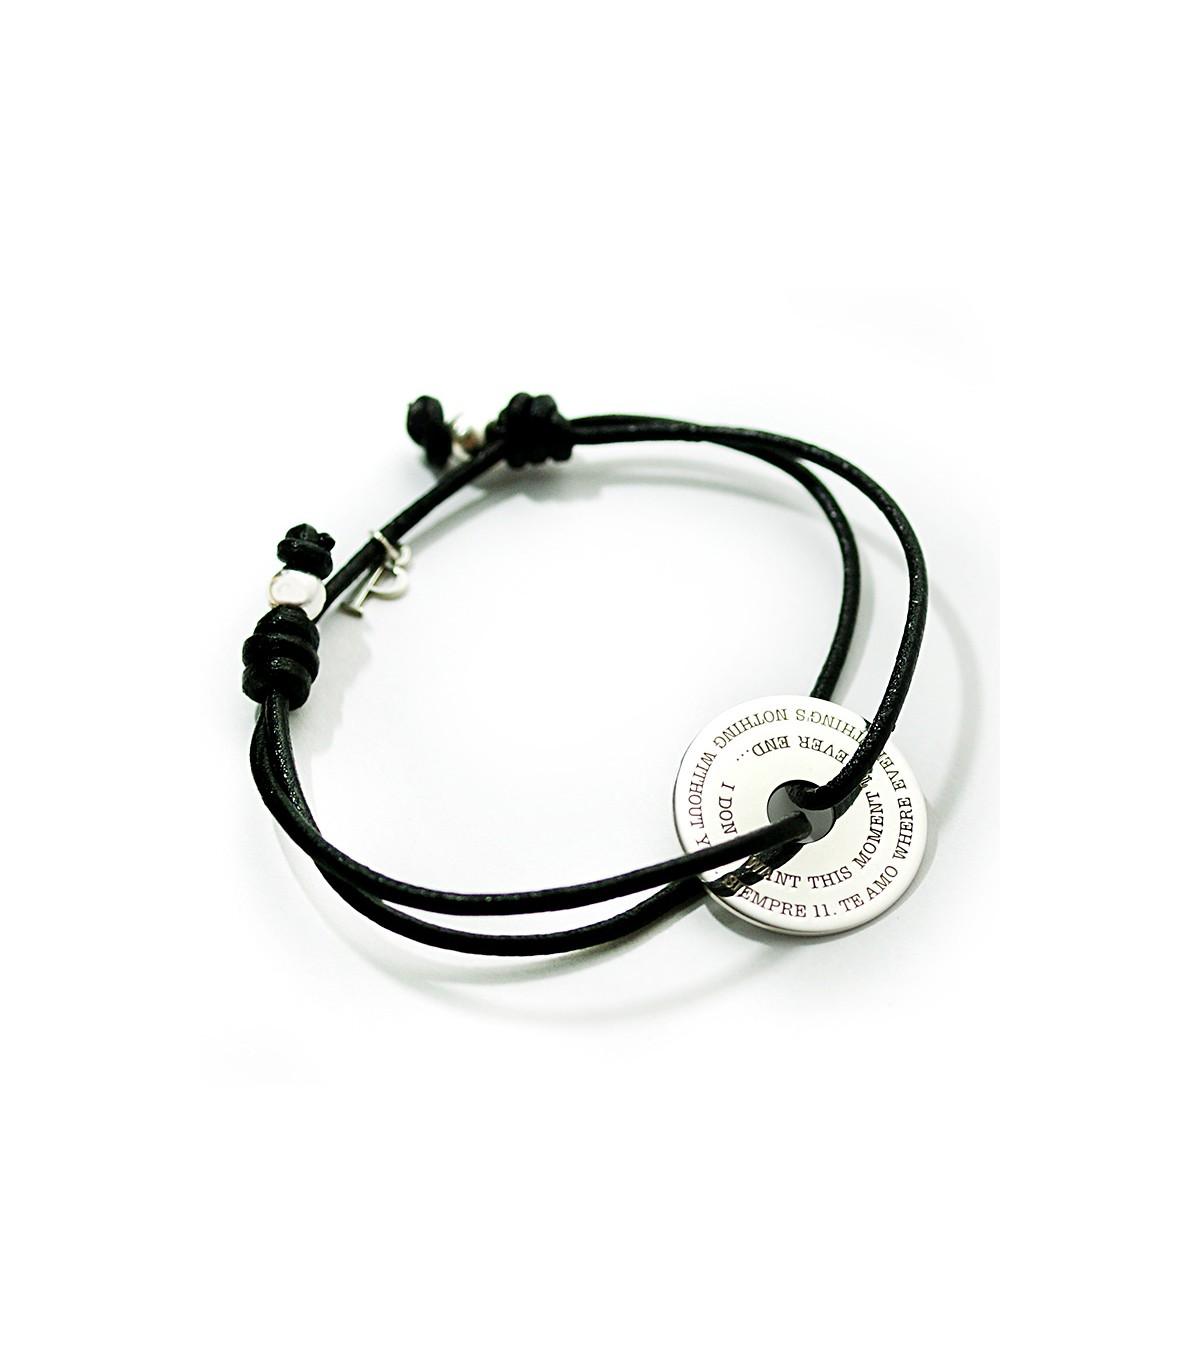 c5e3292add10 Pulseras de cuero y plata personalizadas – Rondella cuero - Joyas de ...